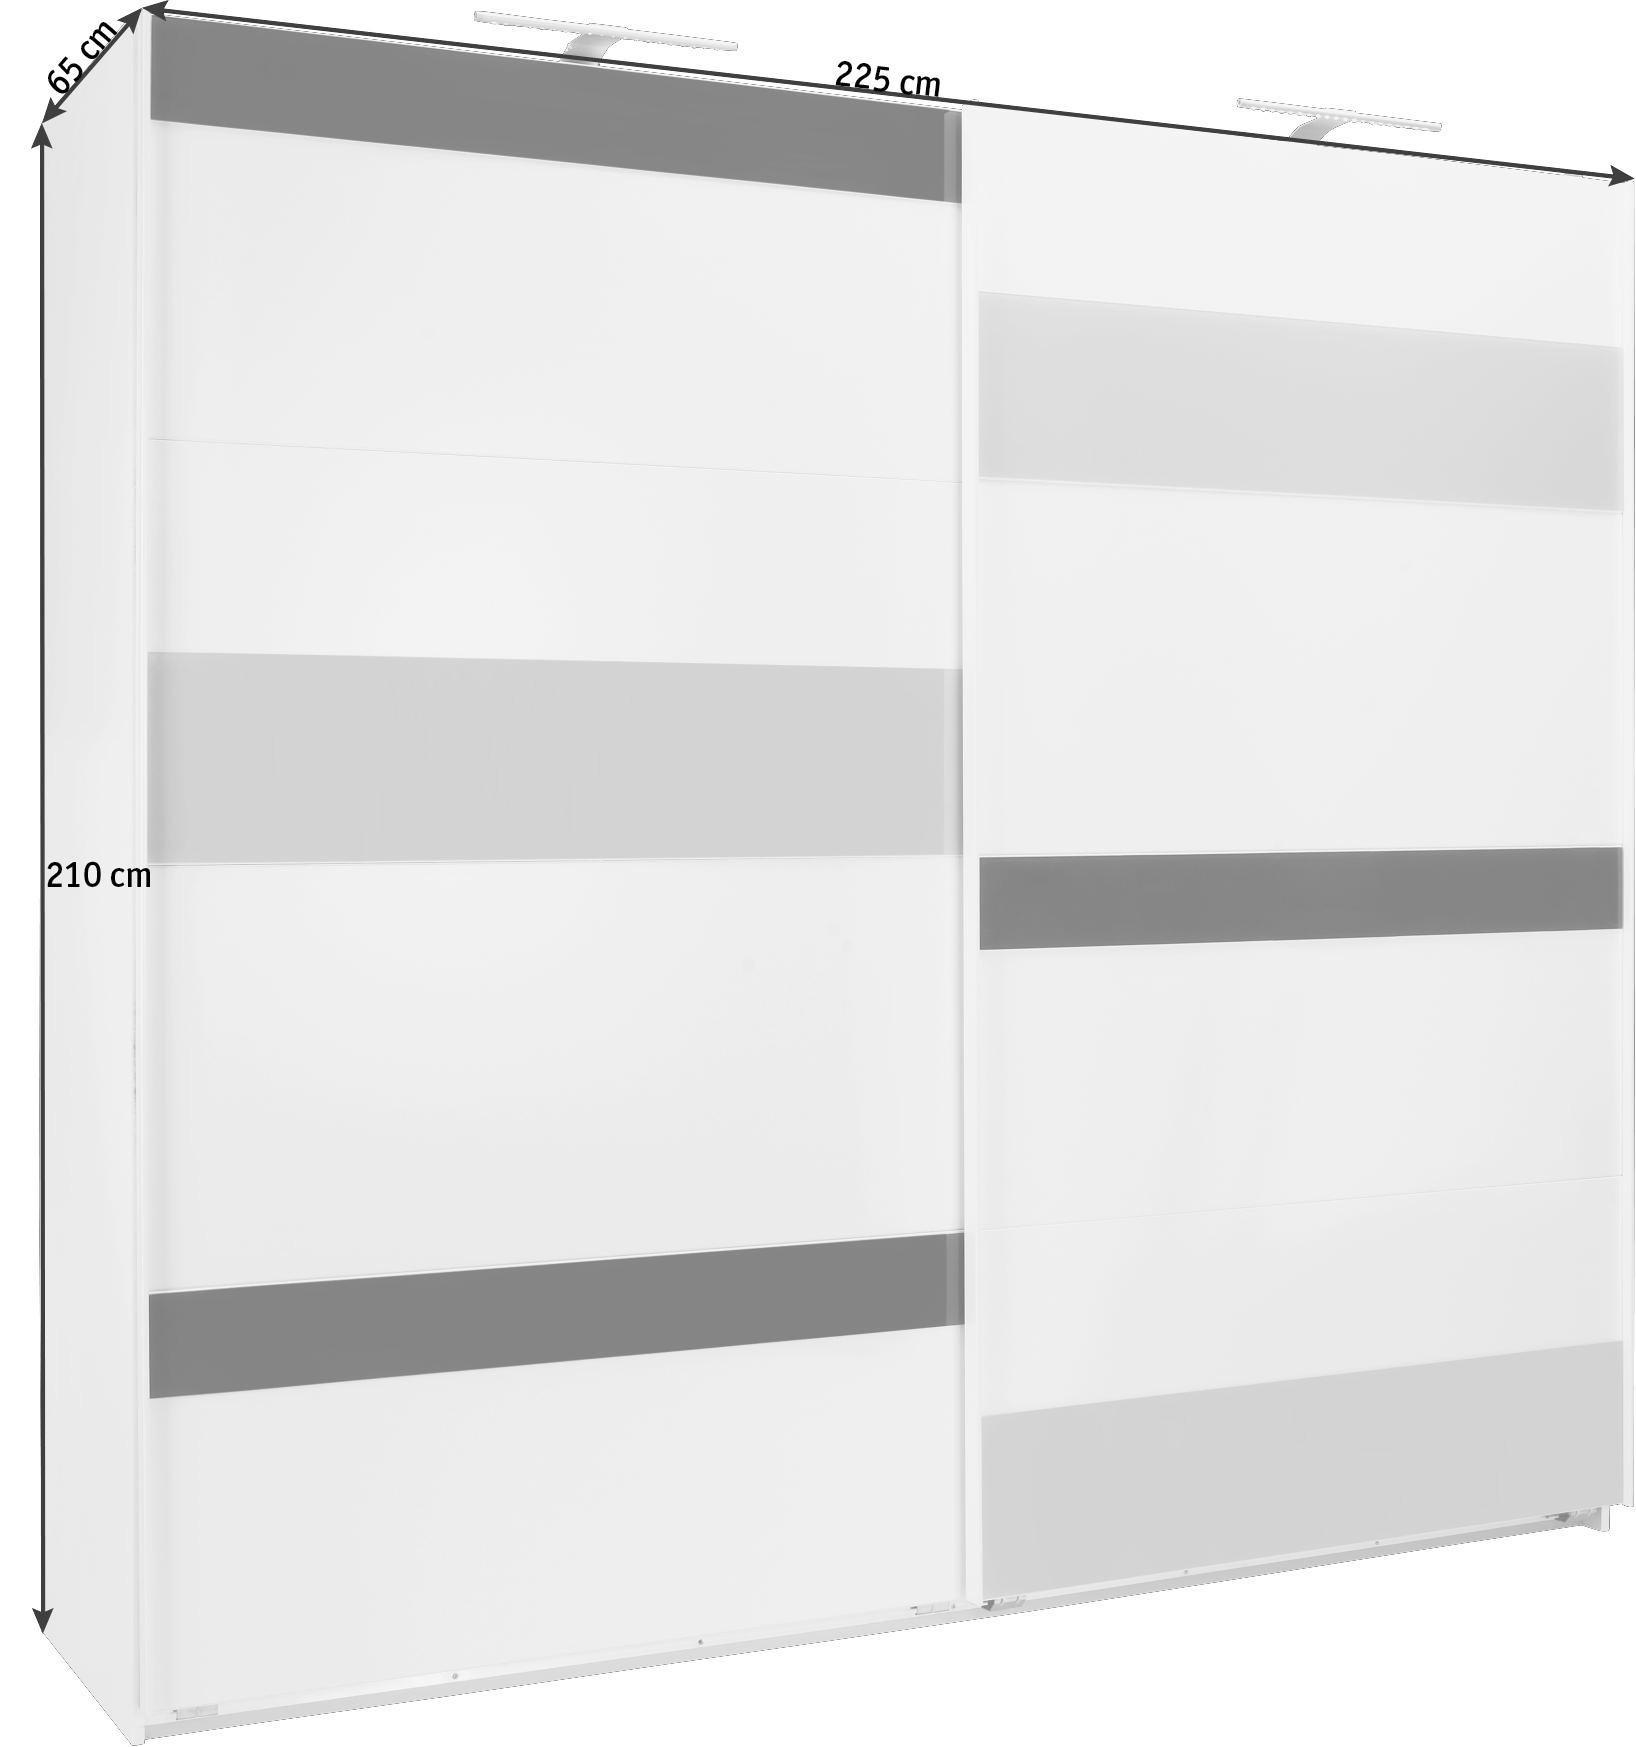 ORMAR S KLIZNIM VRATIMA - bijela/siva, Design, staklo/drvni materijal (225/210/65cm) - CARRYHOME